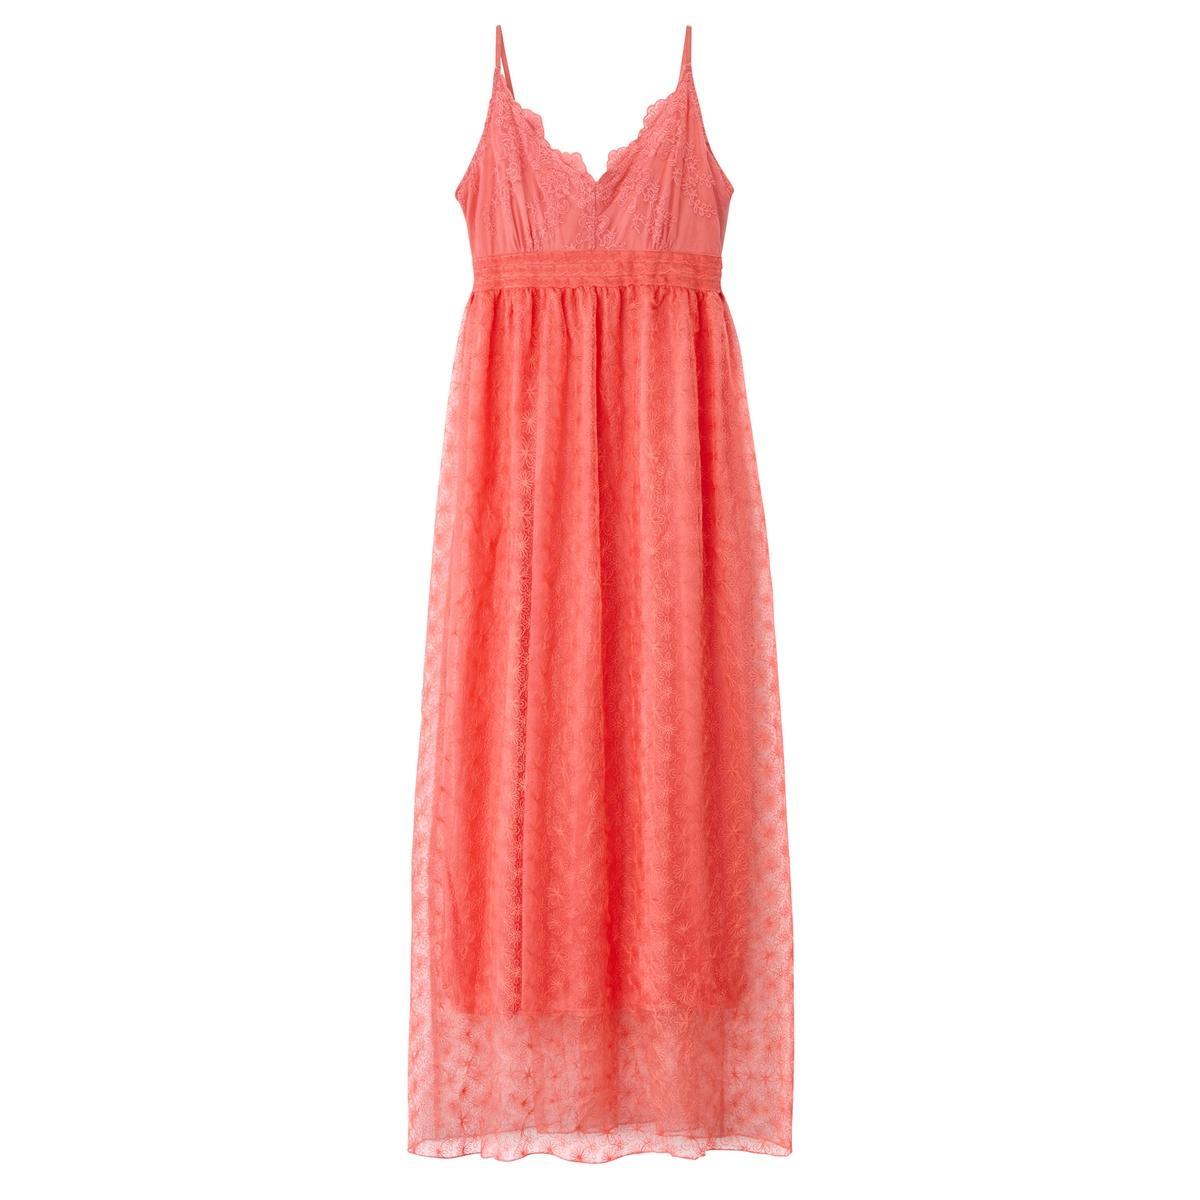 Платье длинное с тонкими бретелямиМатериал : 42% хлопка, 58% полиамида  Подкладка : 49% хлопка, 51% полиамида  Длина рукава : тонкие бретели   Форма воротника : V-образный вырез  Покрой платья : длинное платье  Рисунок : однотонная модель Длина платья : длинное<br><br>Цвет: коралловый